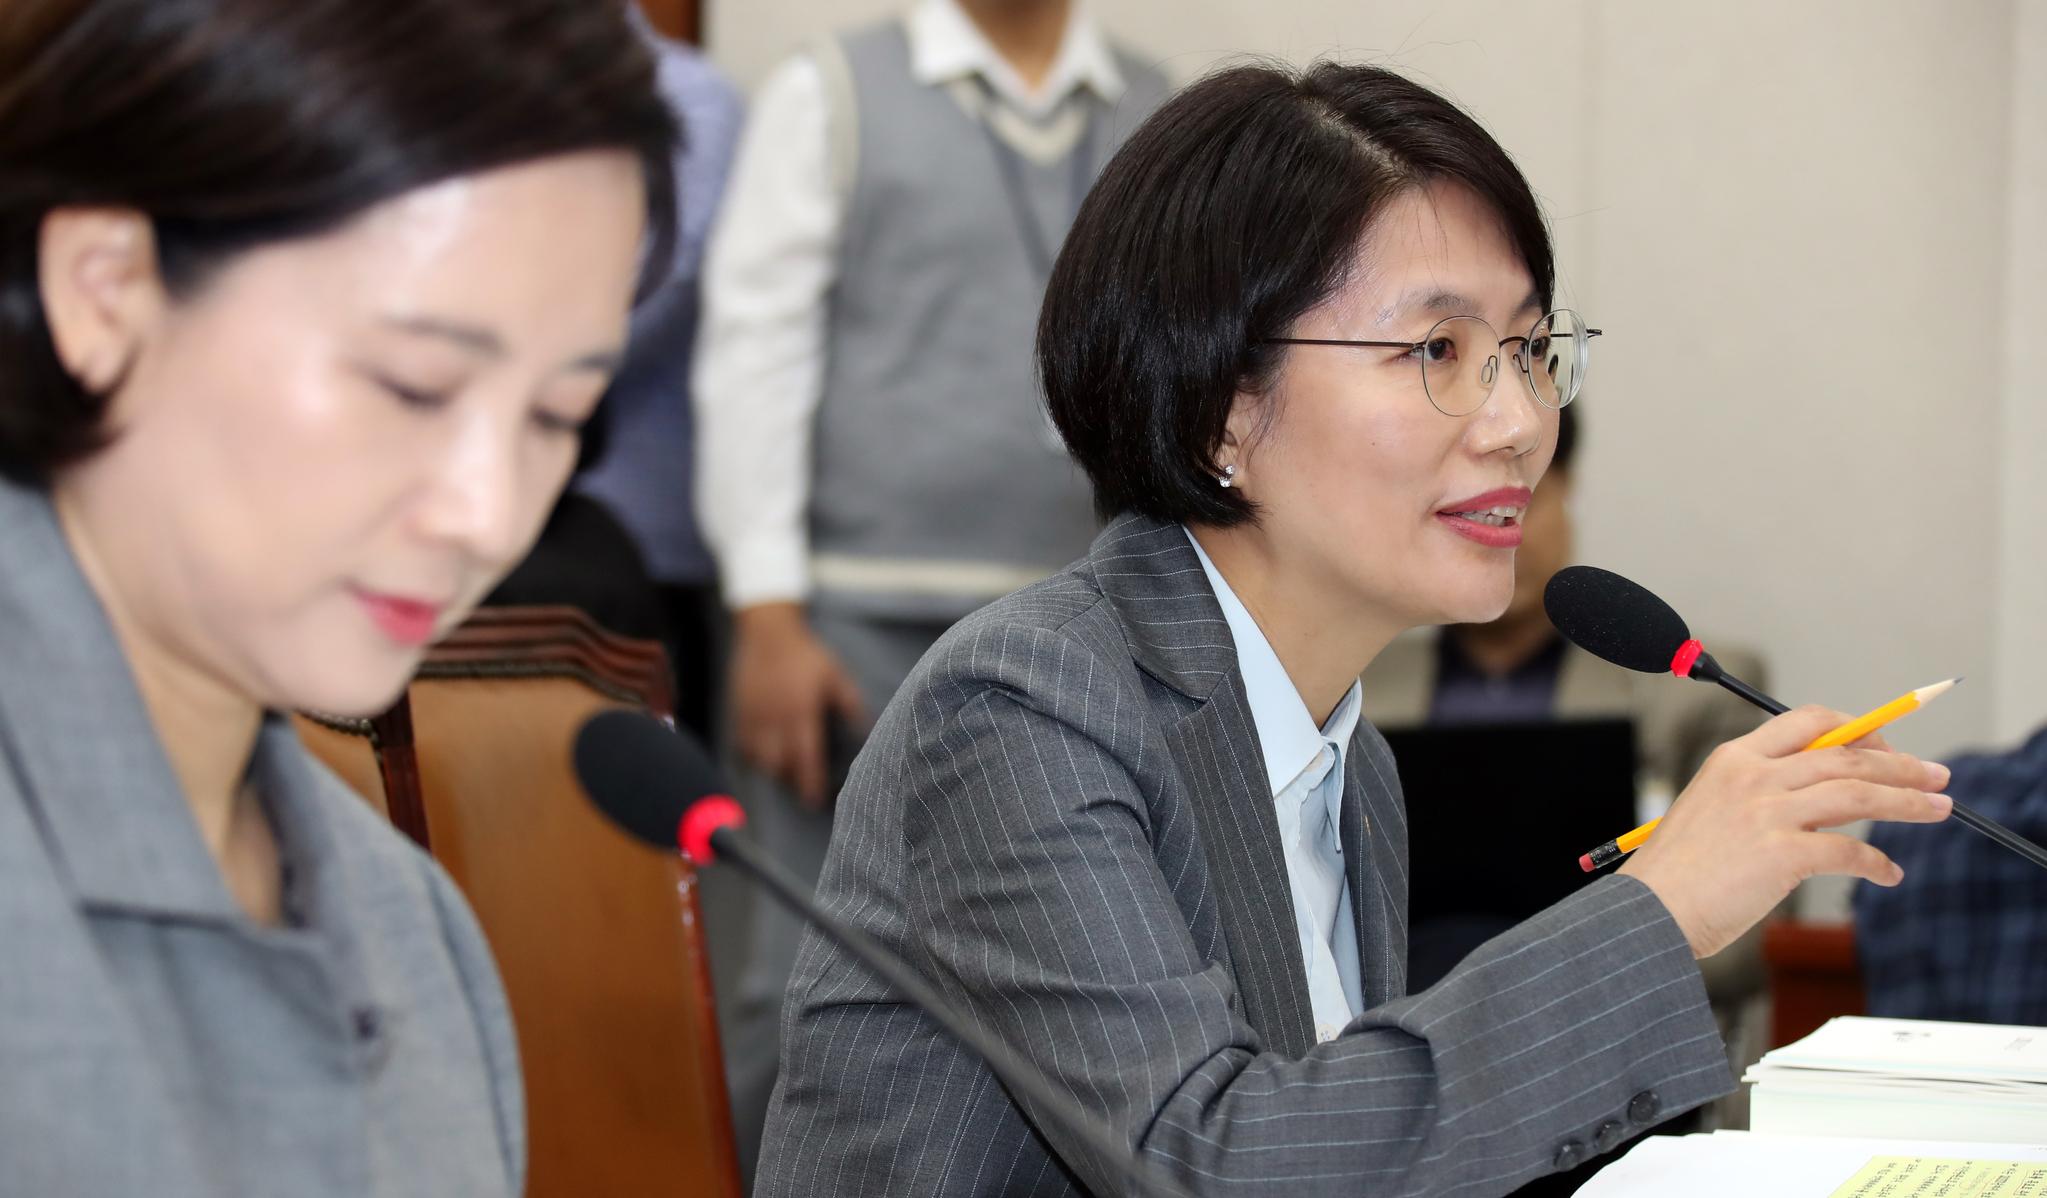 한국당 김현아 의원이 유은혜 사회부총리 겸 교육부장관을 인정하지 않는다며 박춘란 차관에게 질의, 박 차관이 대답하고 있다. 변선구 기자